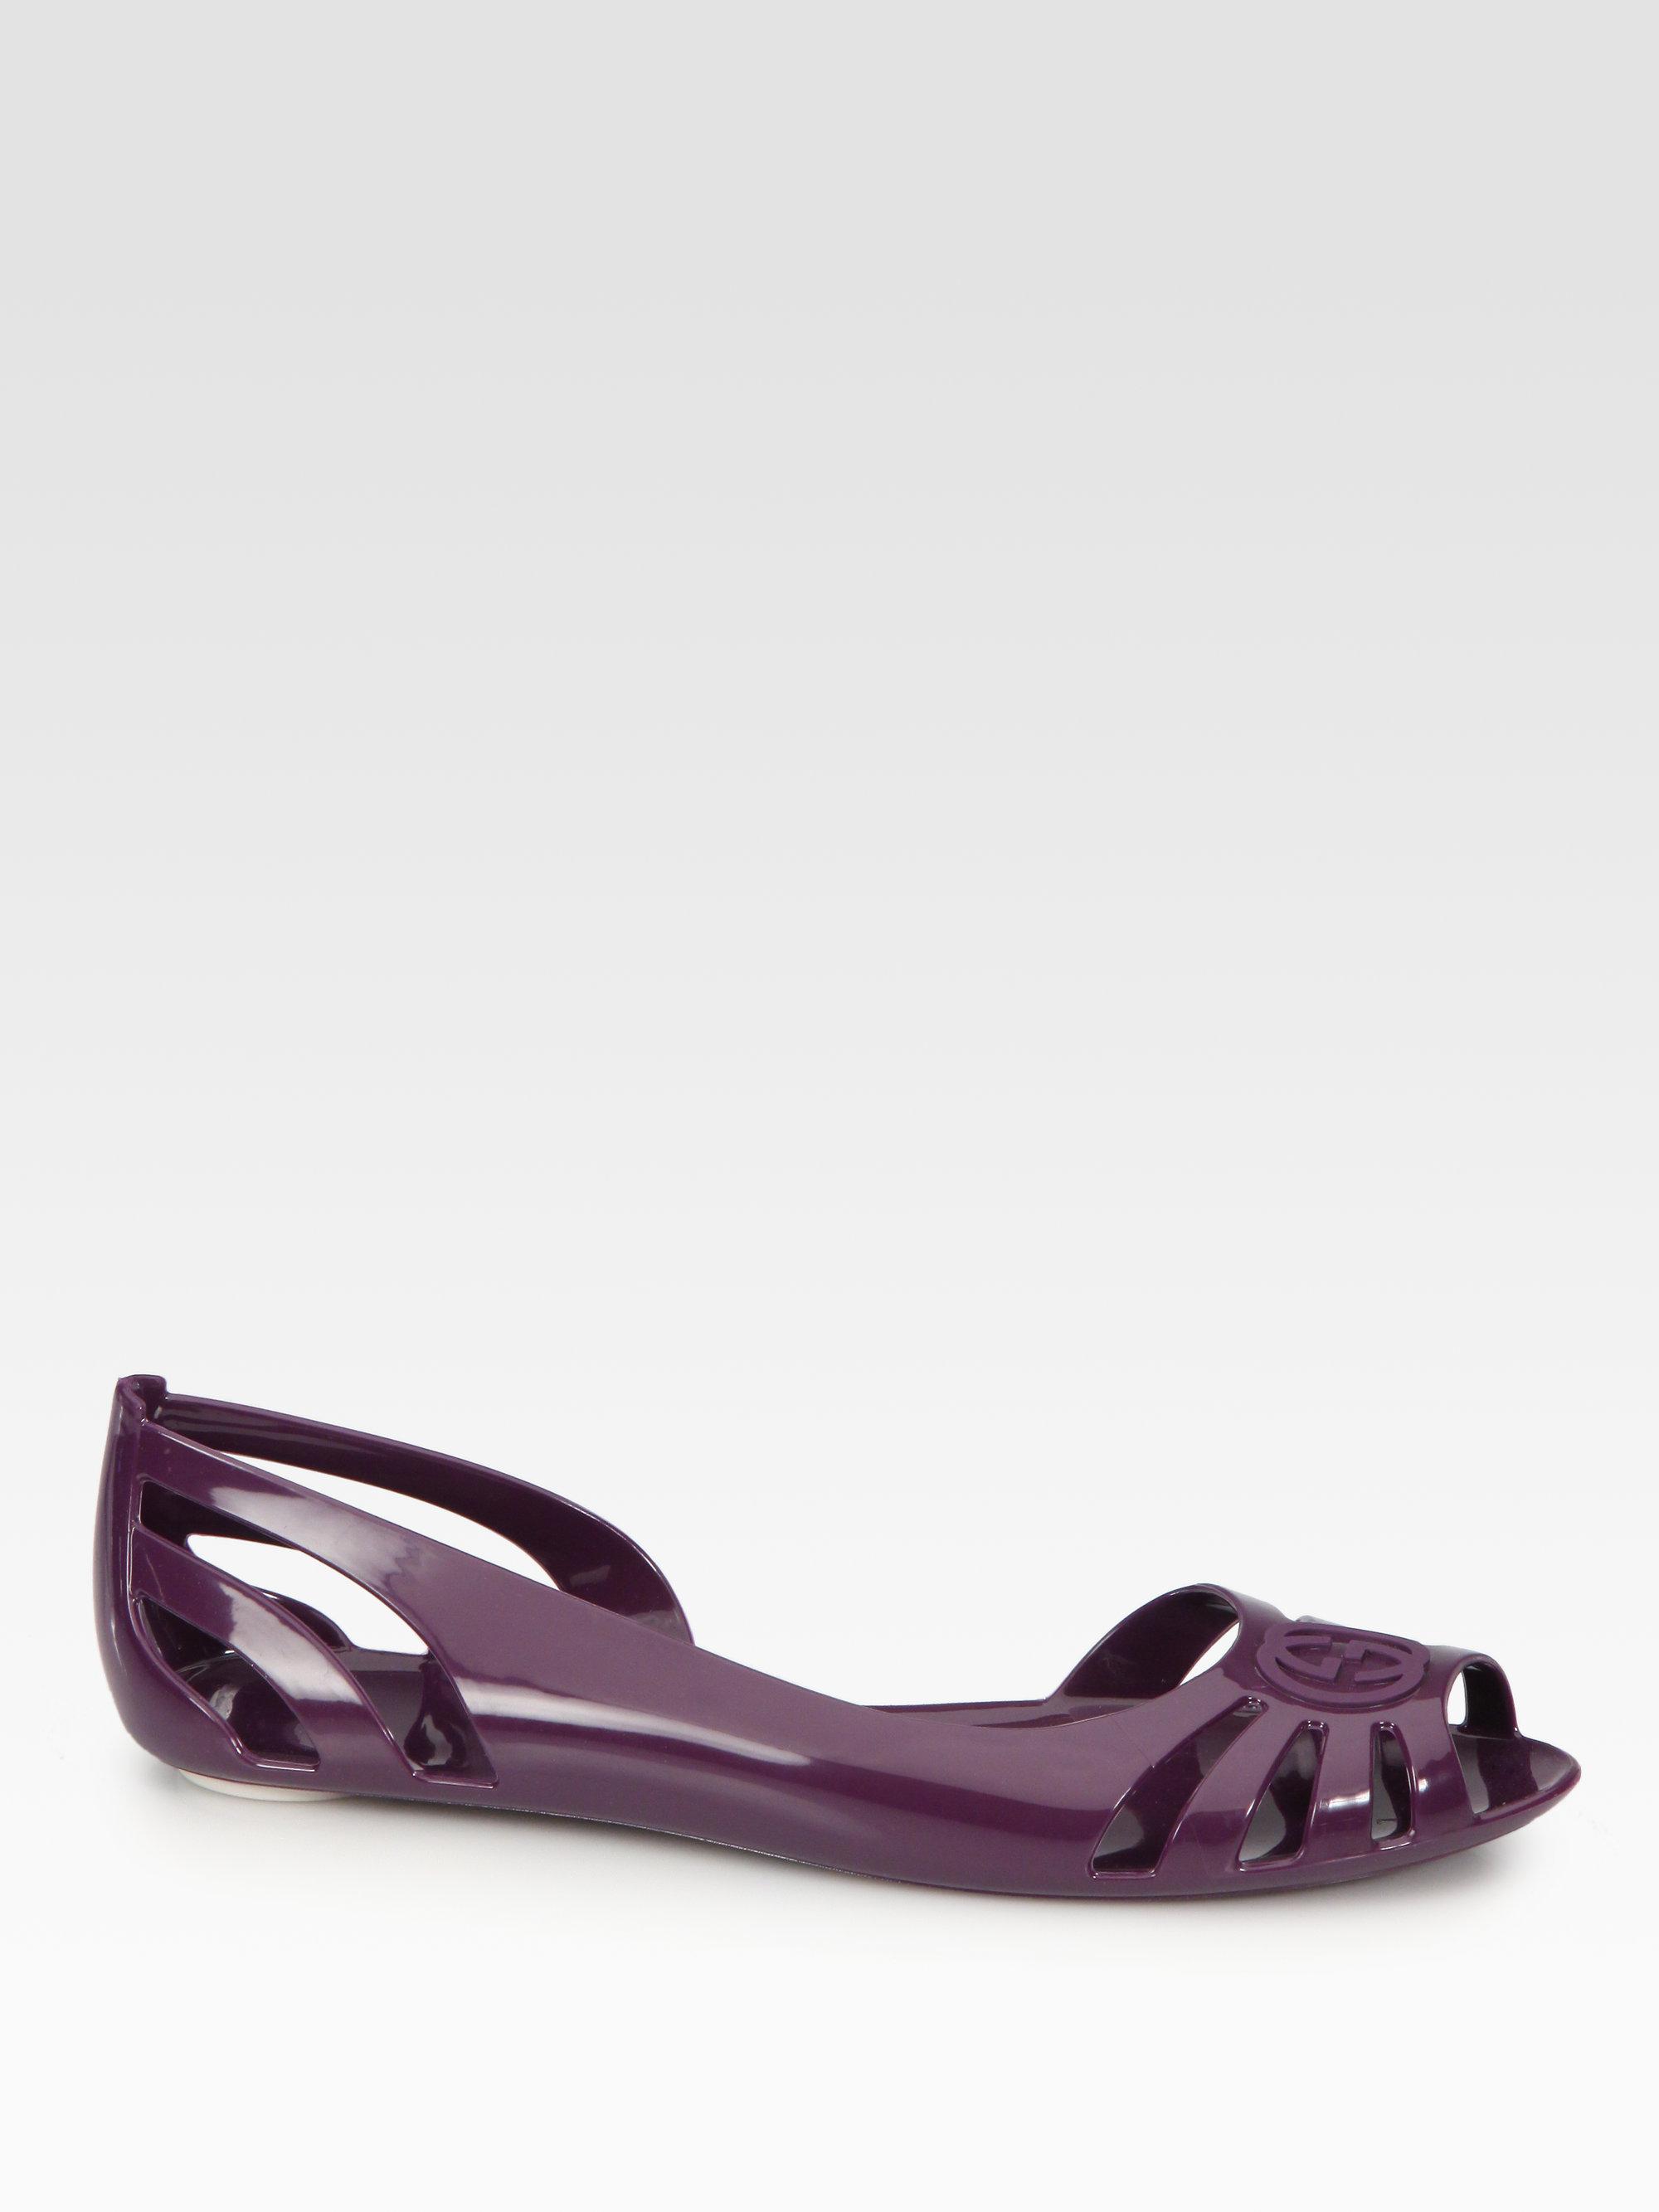 07cbe88ce937 Lyst - Gucci Marola Jelly Logo Sandals in Purple